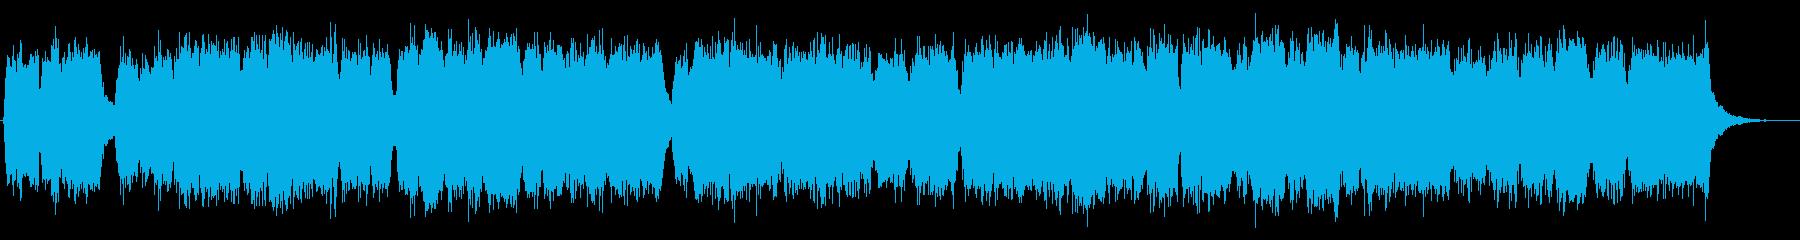 あやしいオバさんブルガリアンボイスを習うの再生済みの波形